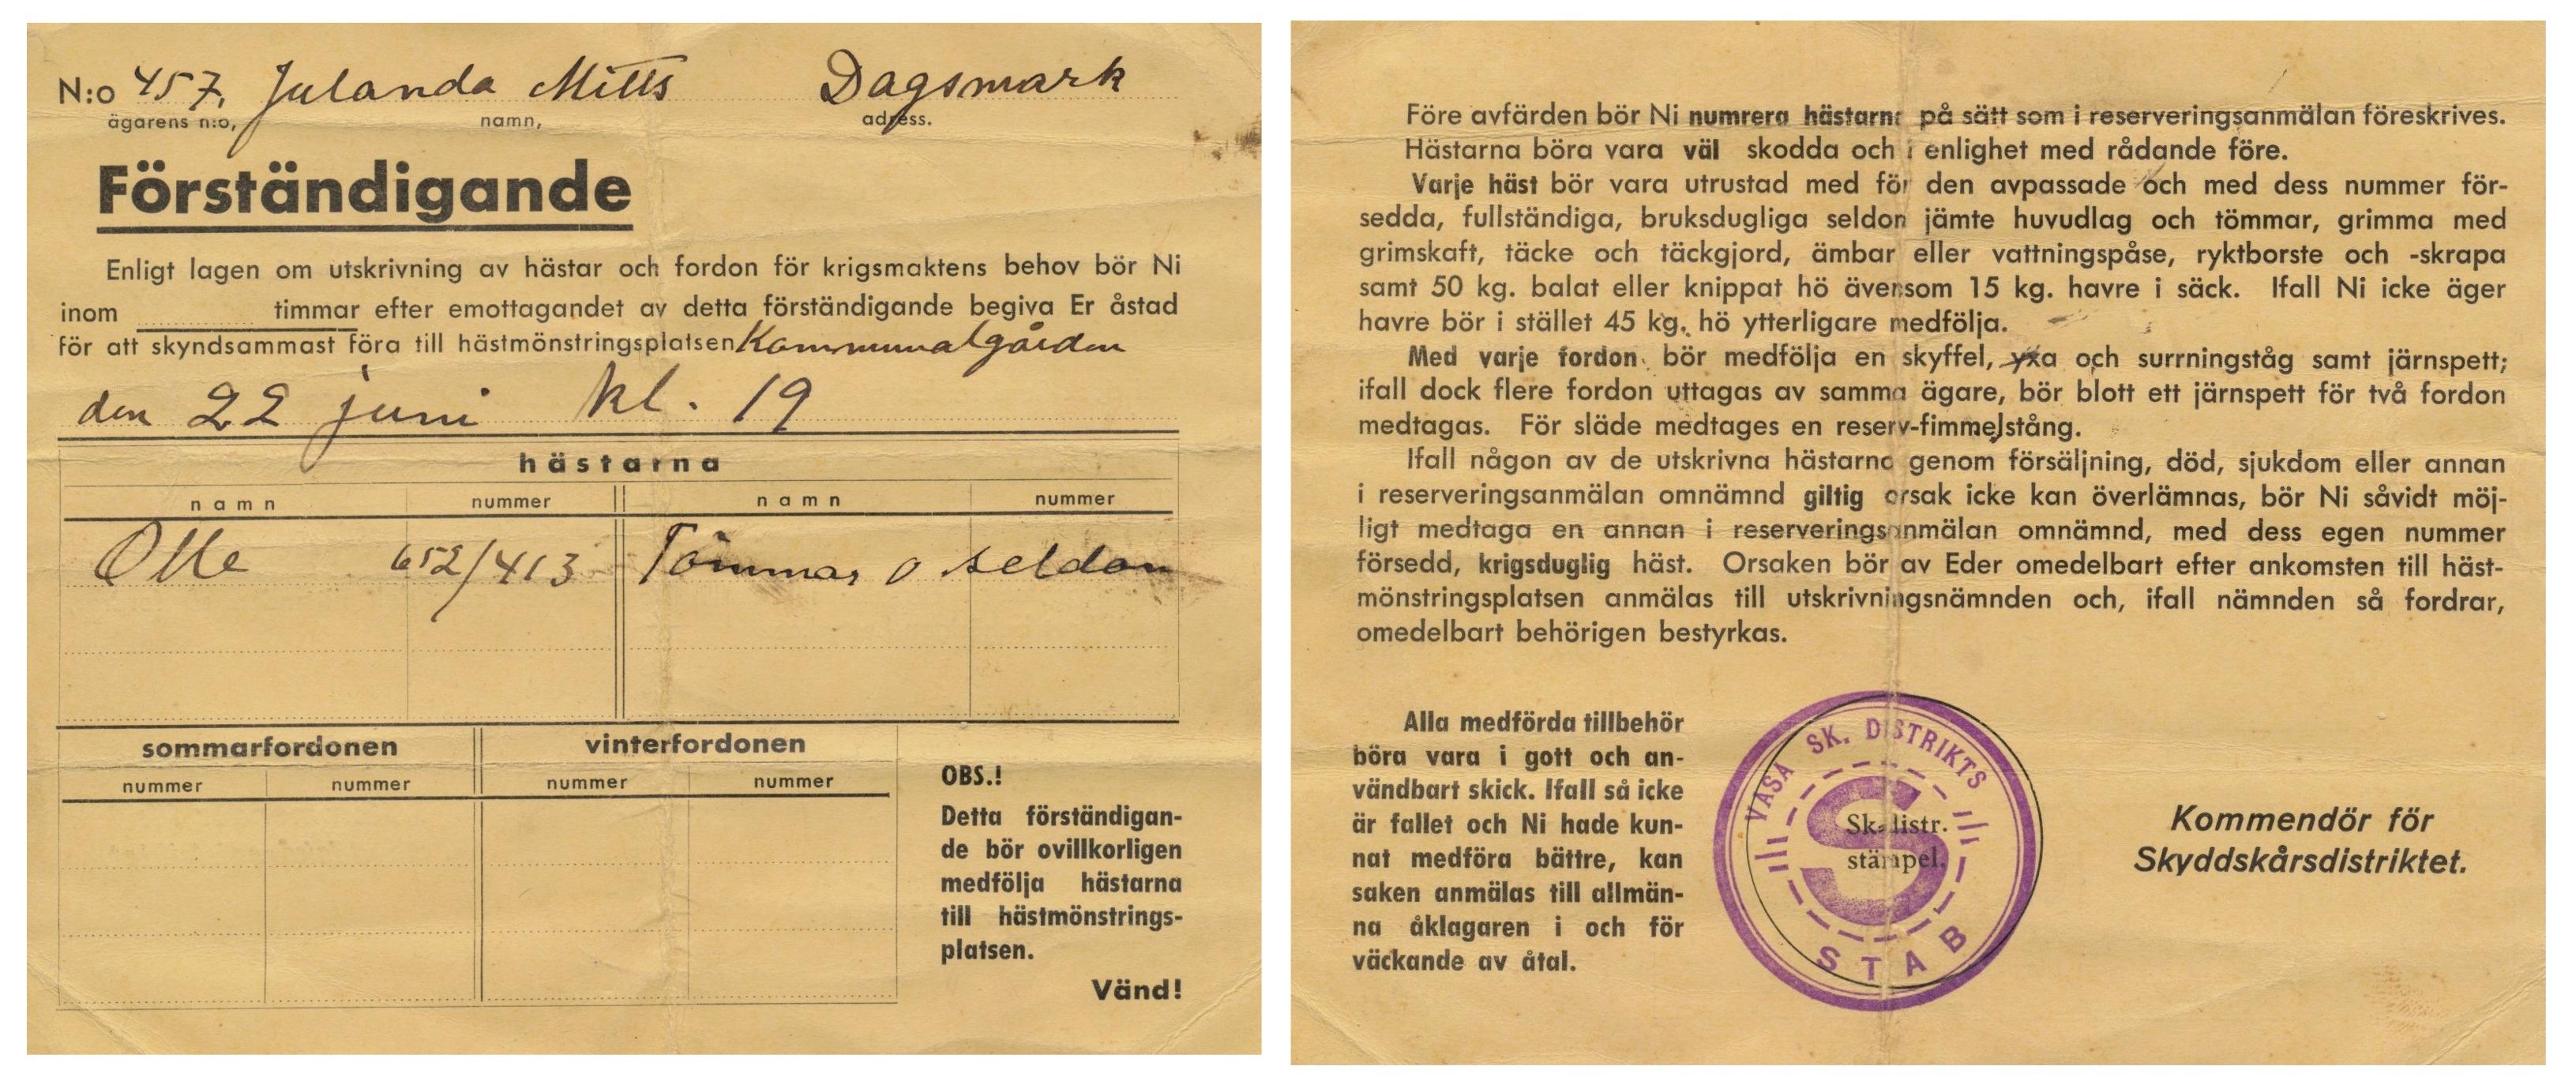 Det var till midsommaren 1944 som krigsänkan Julanda Mitts fick denna befallning att Olle skulle föras till kommunalgården i Lappfjärd. Förständigandet var utskickat av kommendören för Skyddskårsdistriktet och här står det att Olle inte fick komma riktigt tomhänt till kommunalgården, utan det skulle finnas mat och seldon och mycket annat.